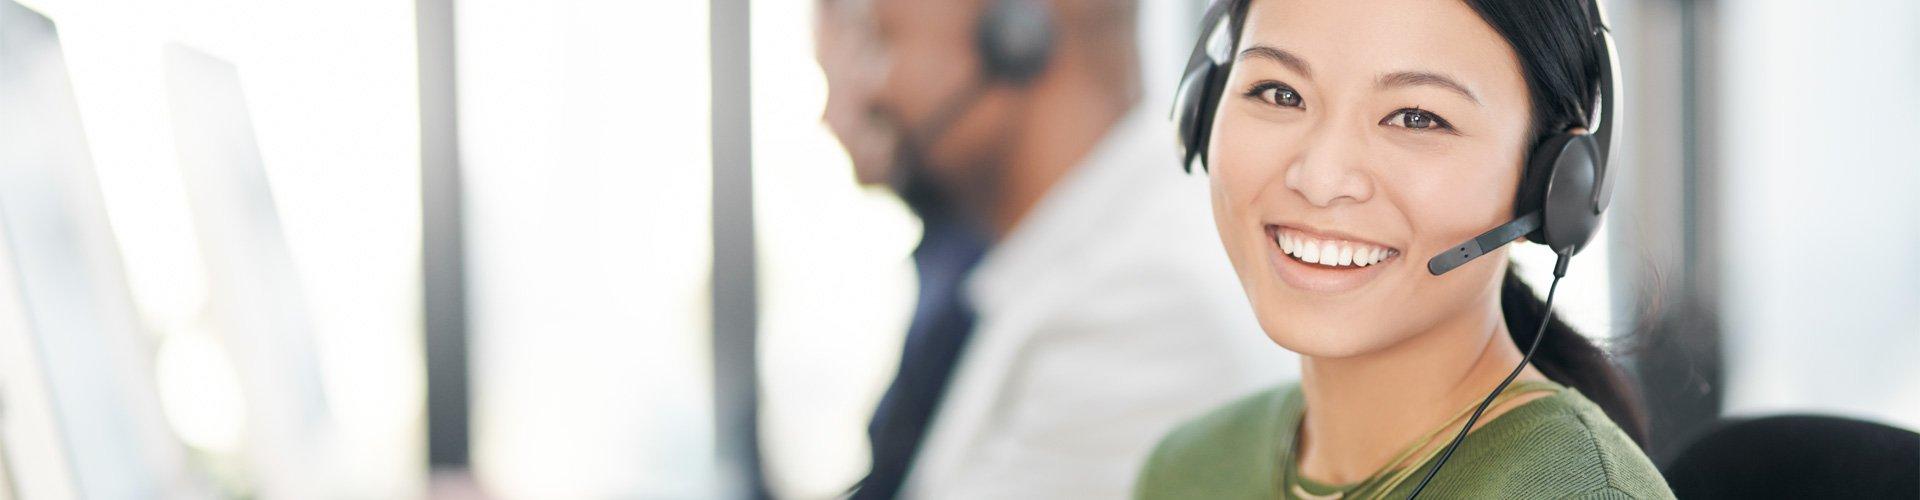 고객을 돕기 위해 전화 통화를 하는 보청기를 착용한 여성.